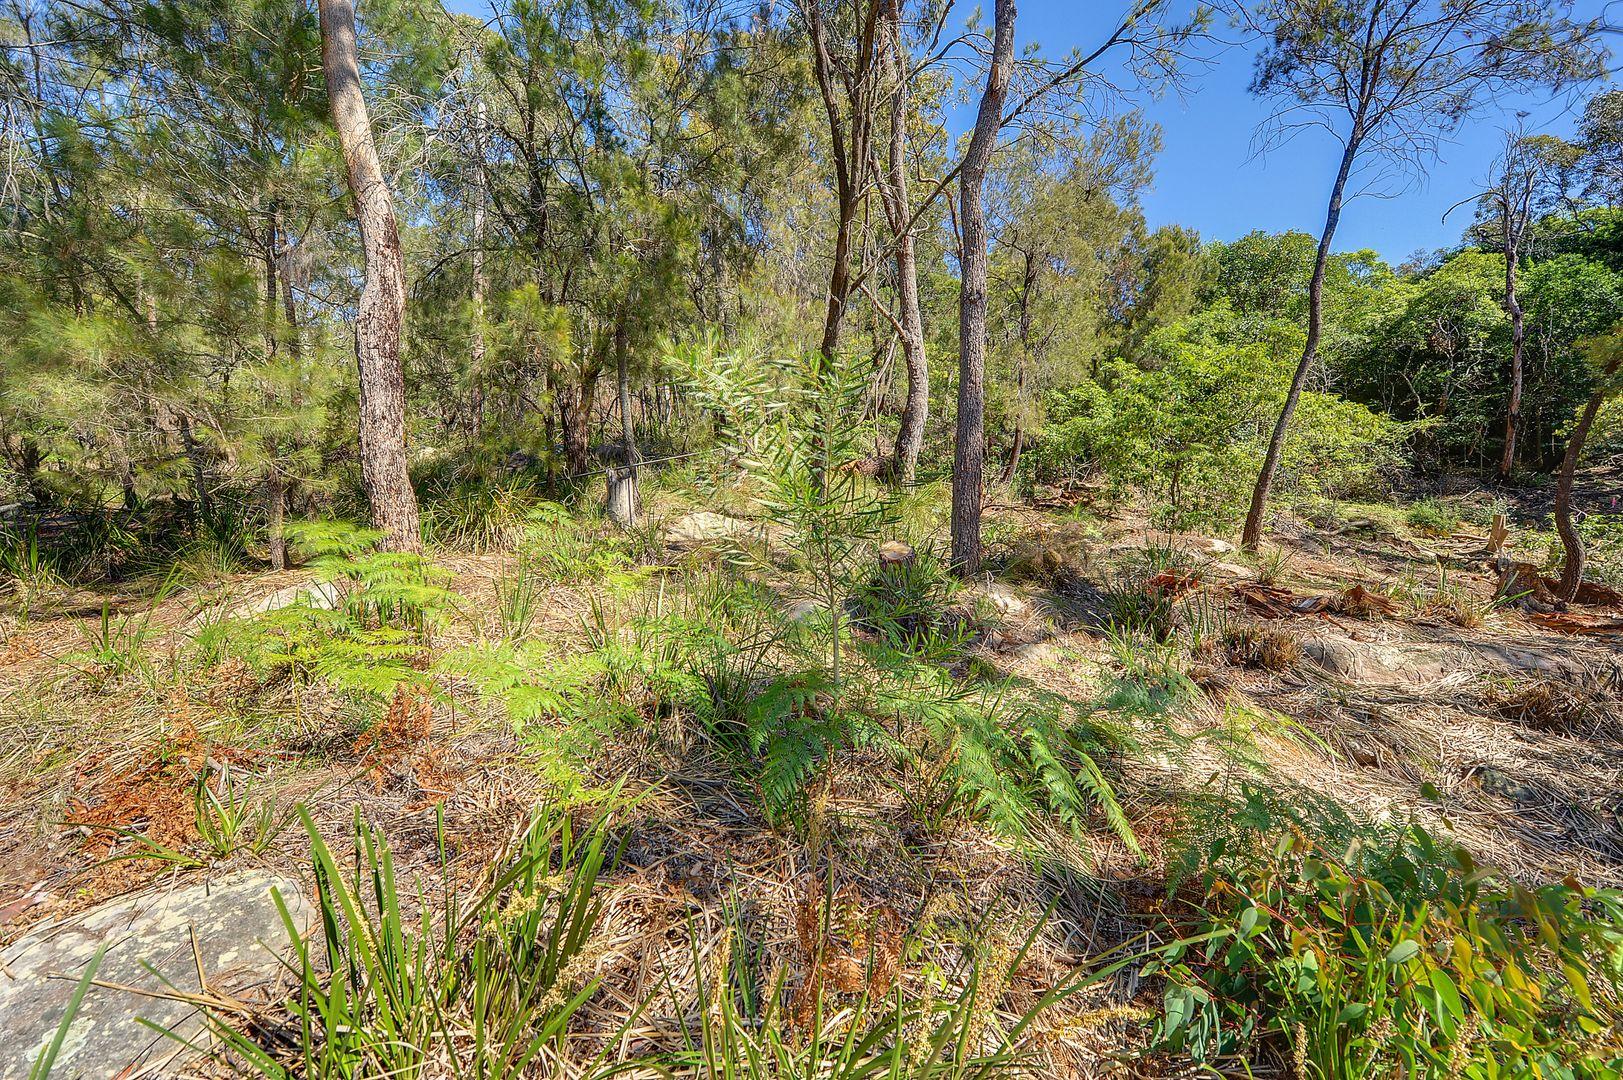 Lot 6, 3 Willunga Road, Berowra NSW 2081, Image 2